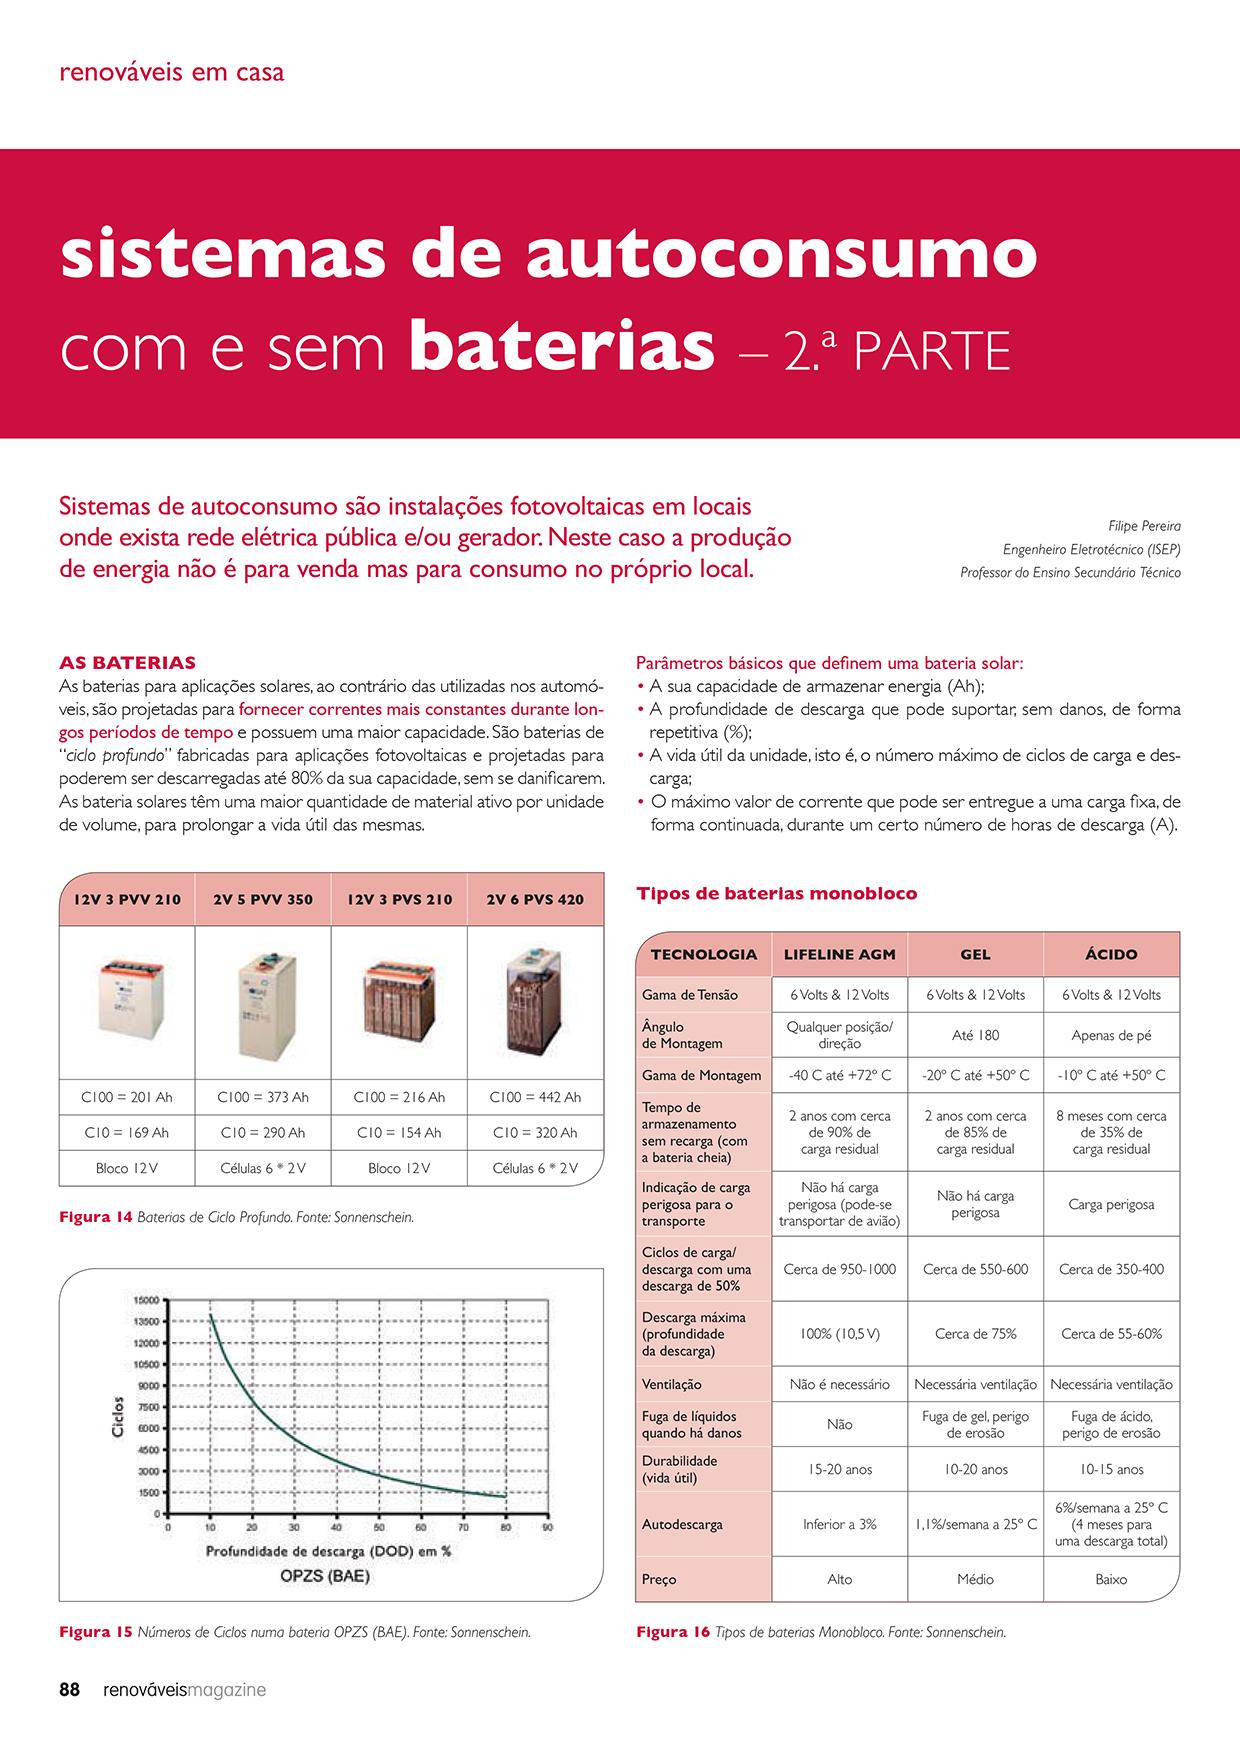 Artigo sobre sistemas de autoconsumo com e sem baterias